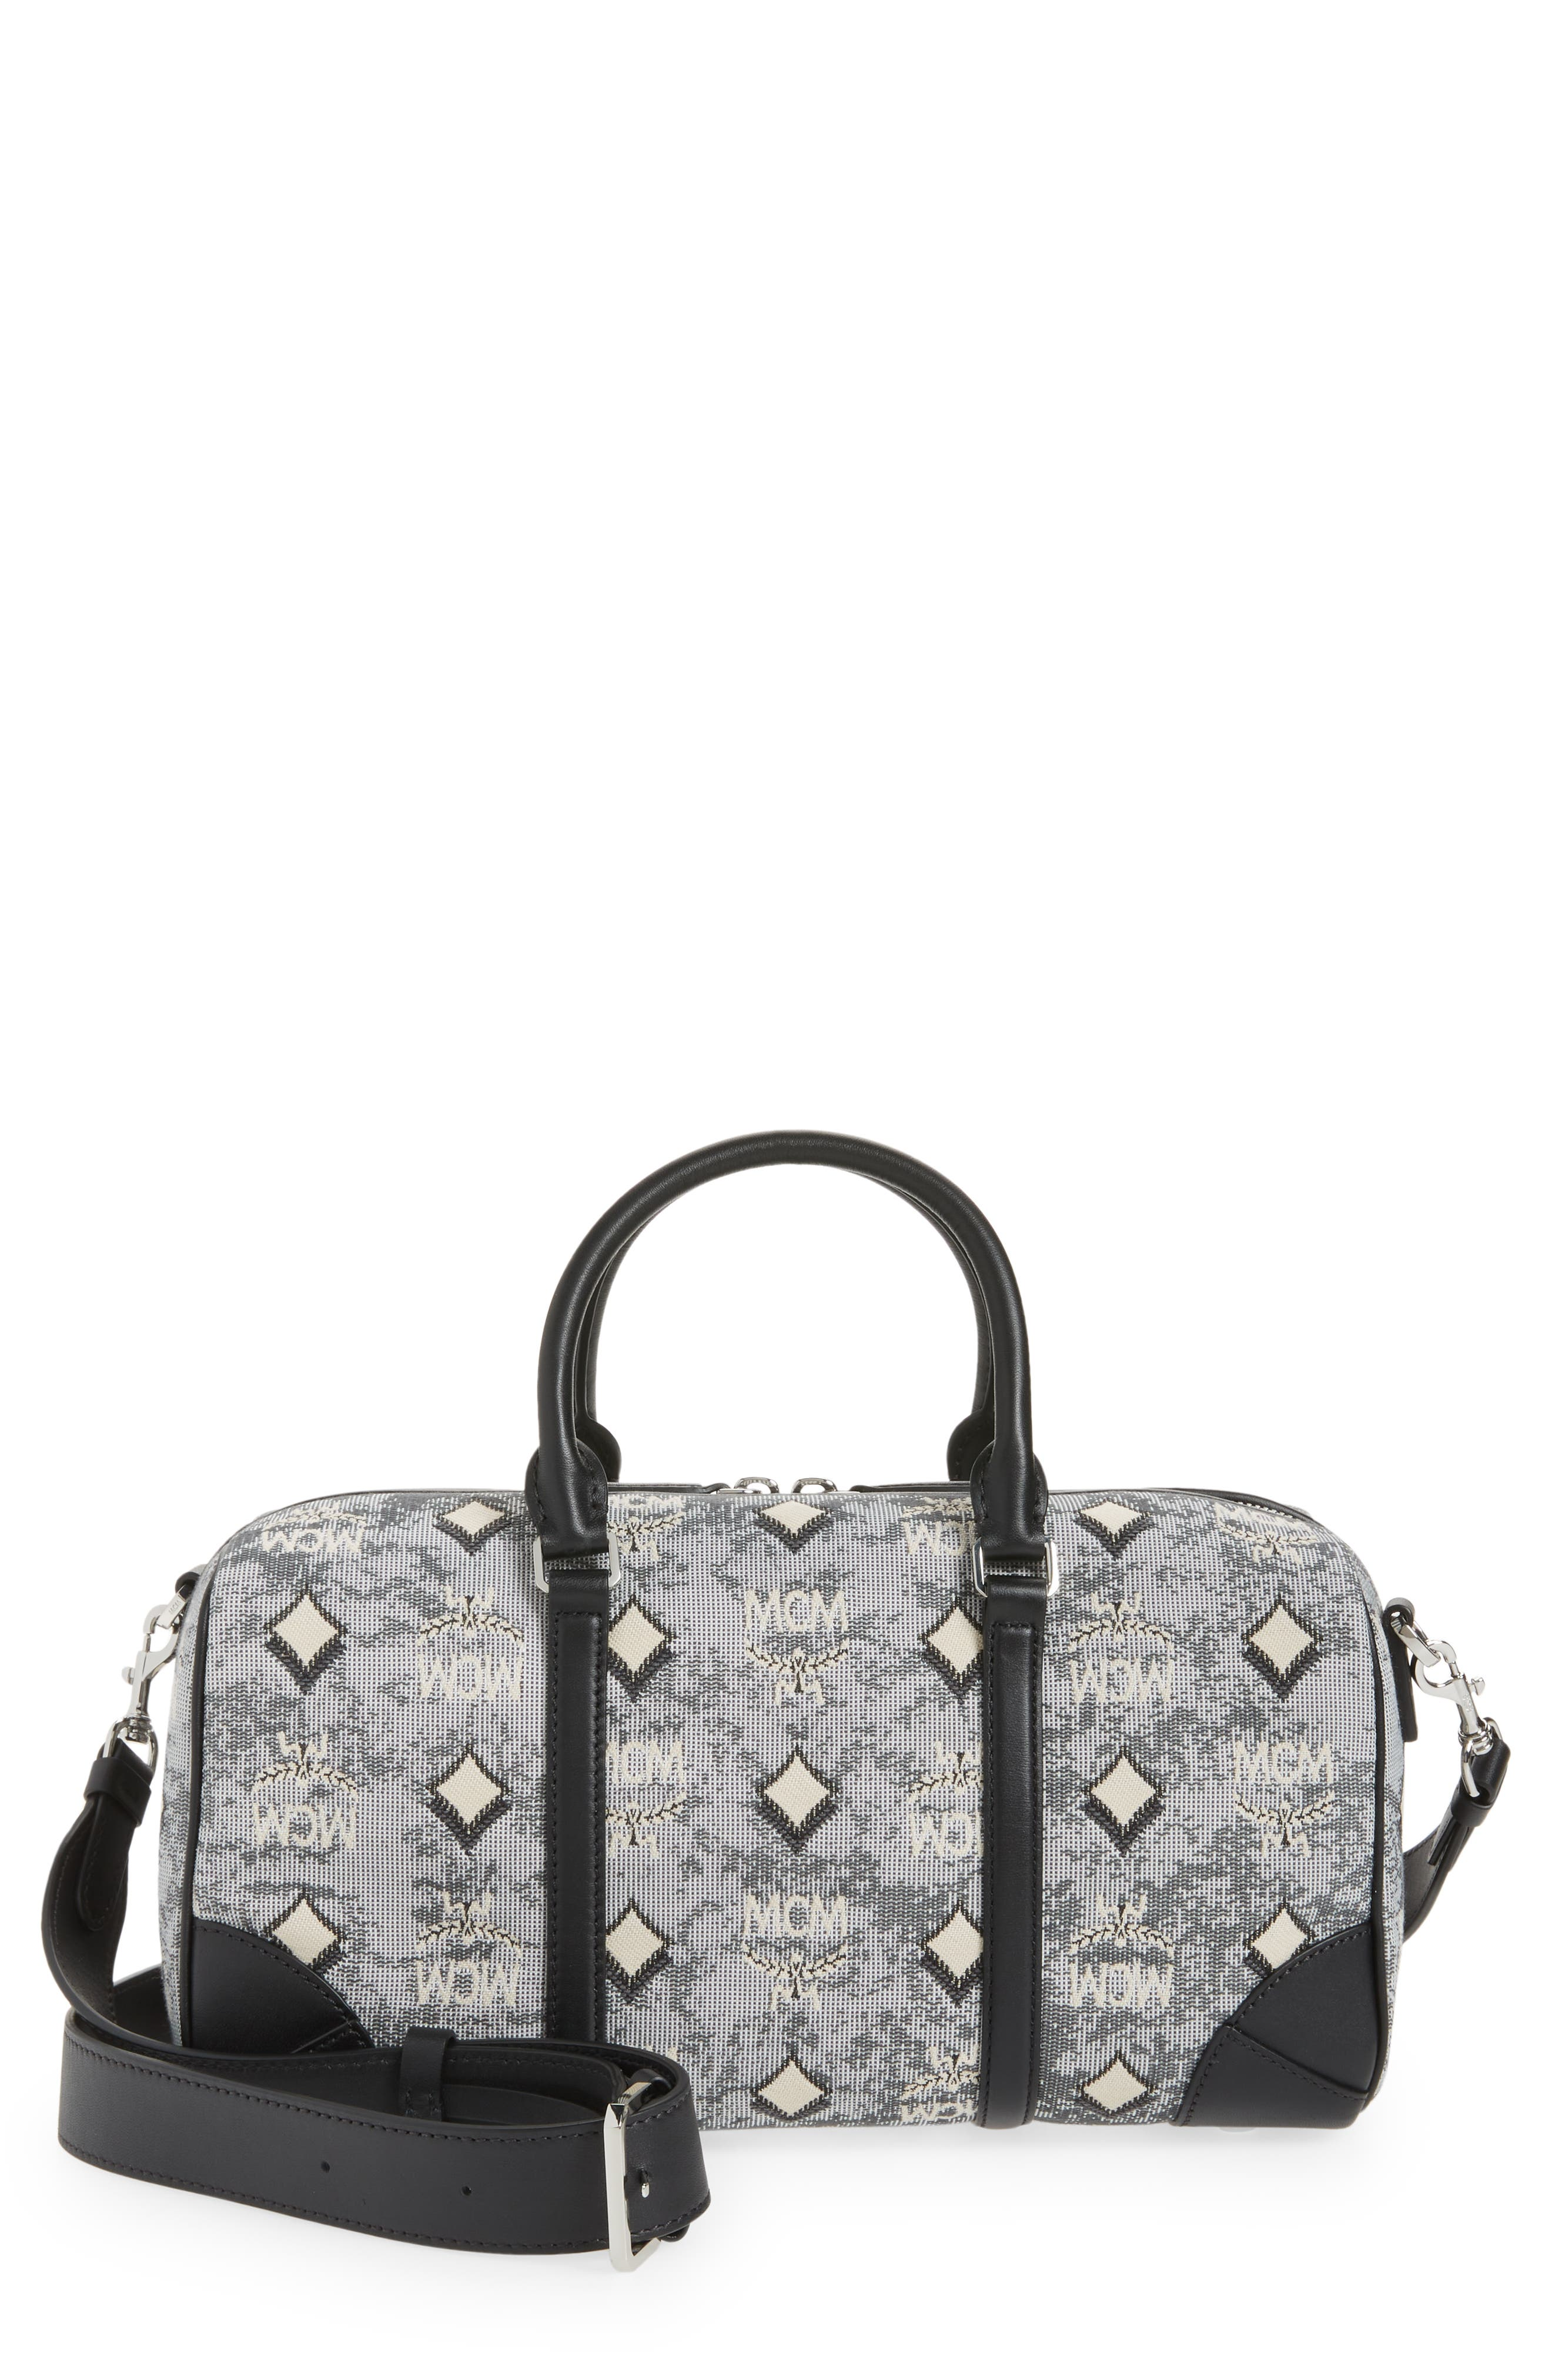 Boston Vintage Jacquard Small Duffle Bag